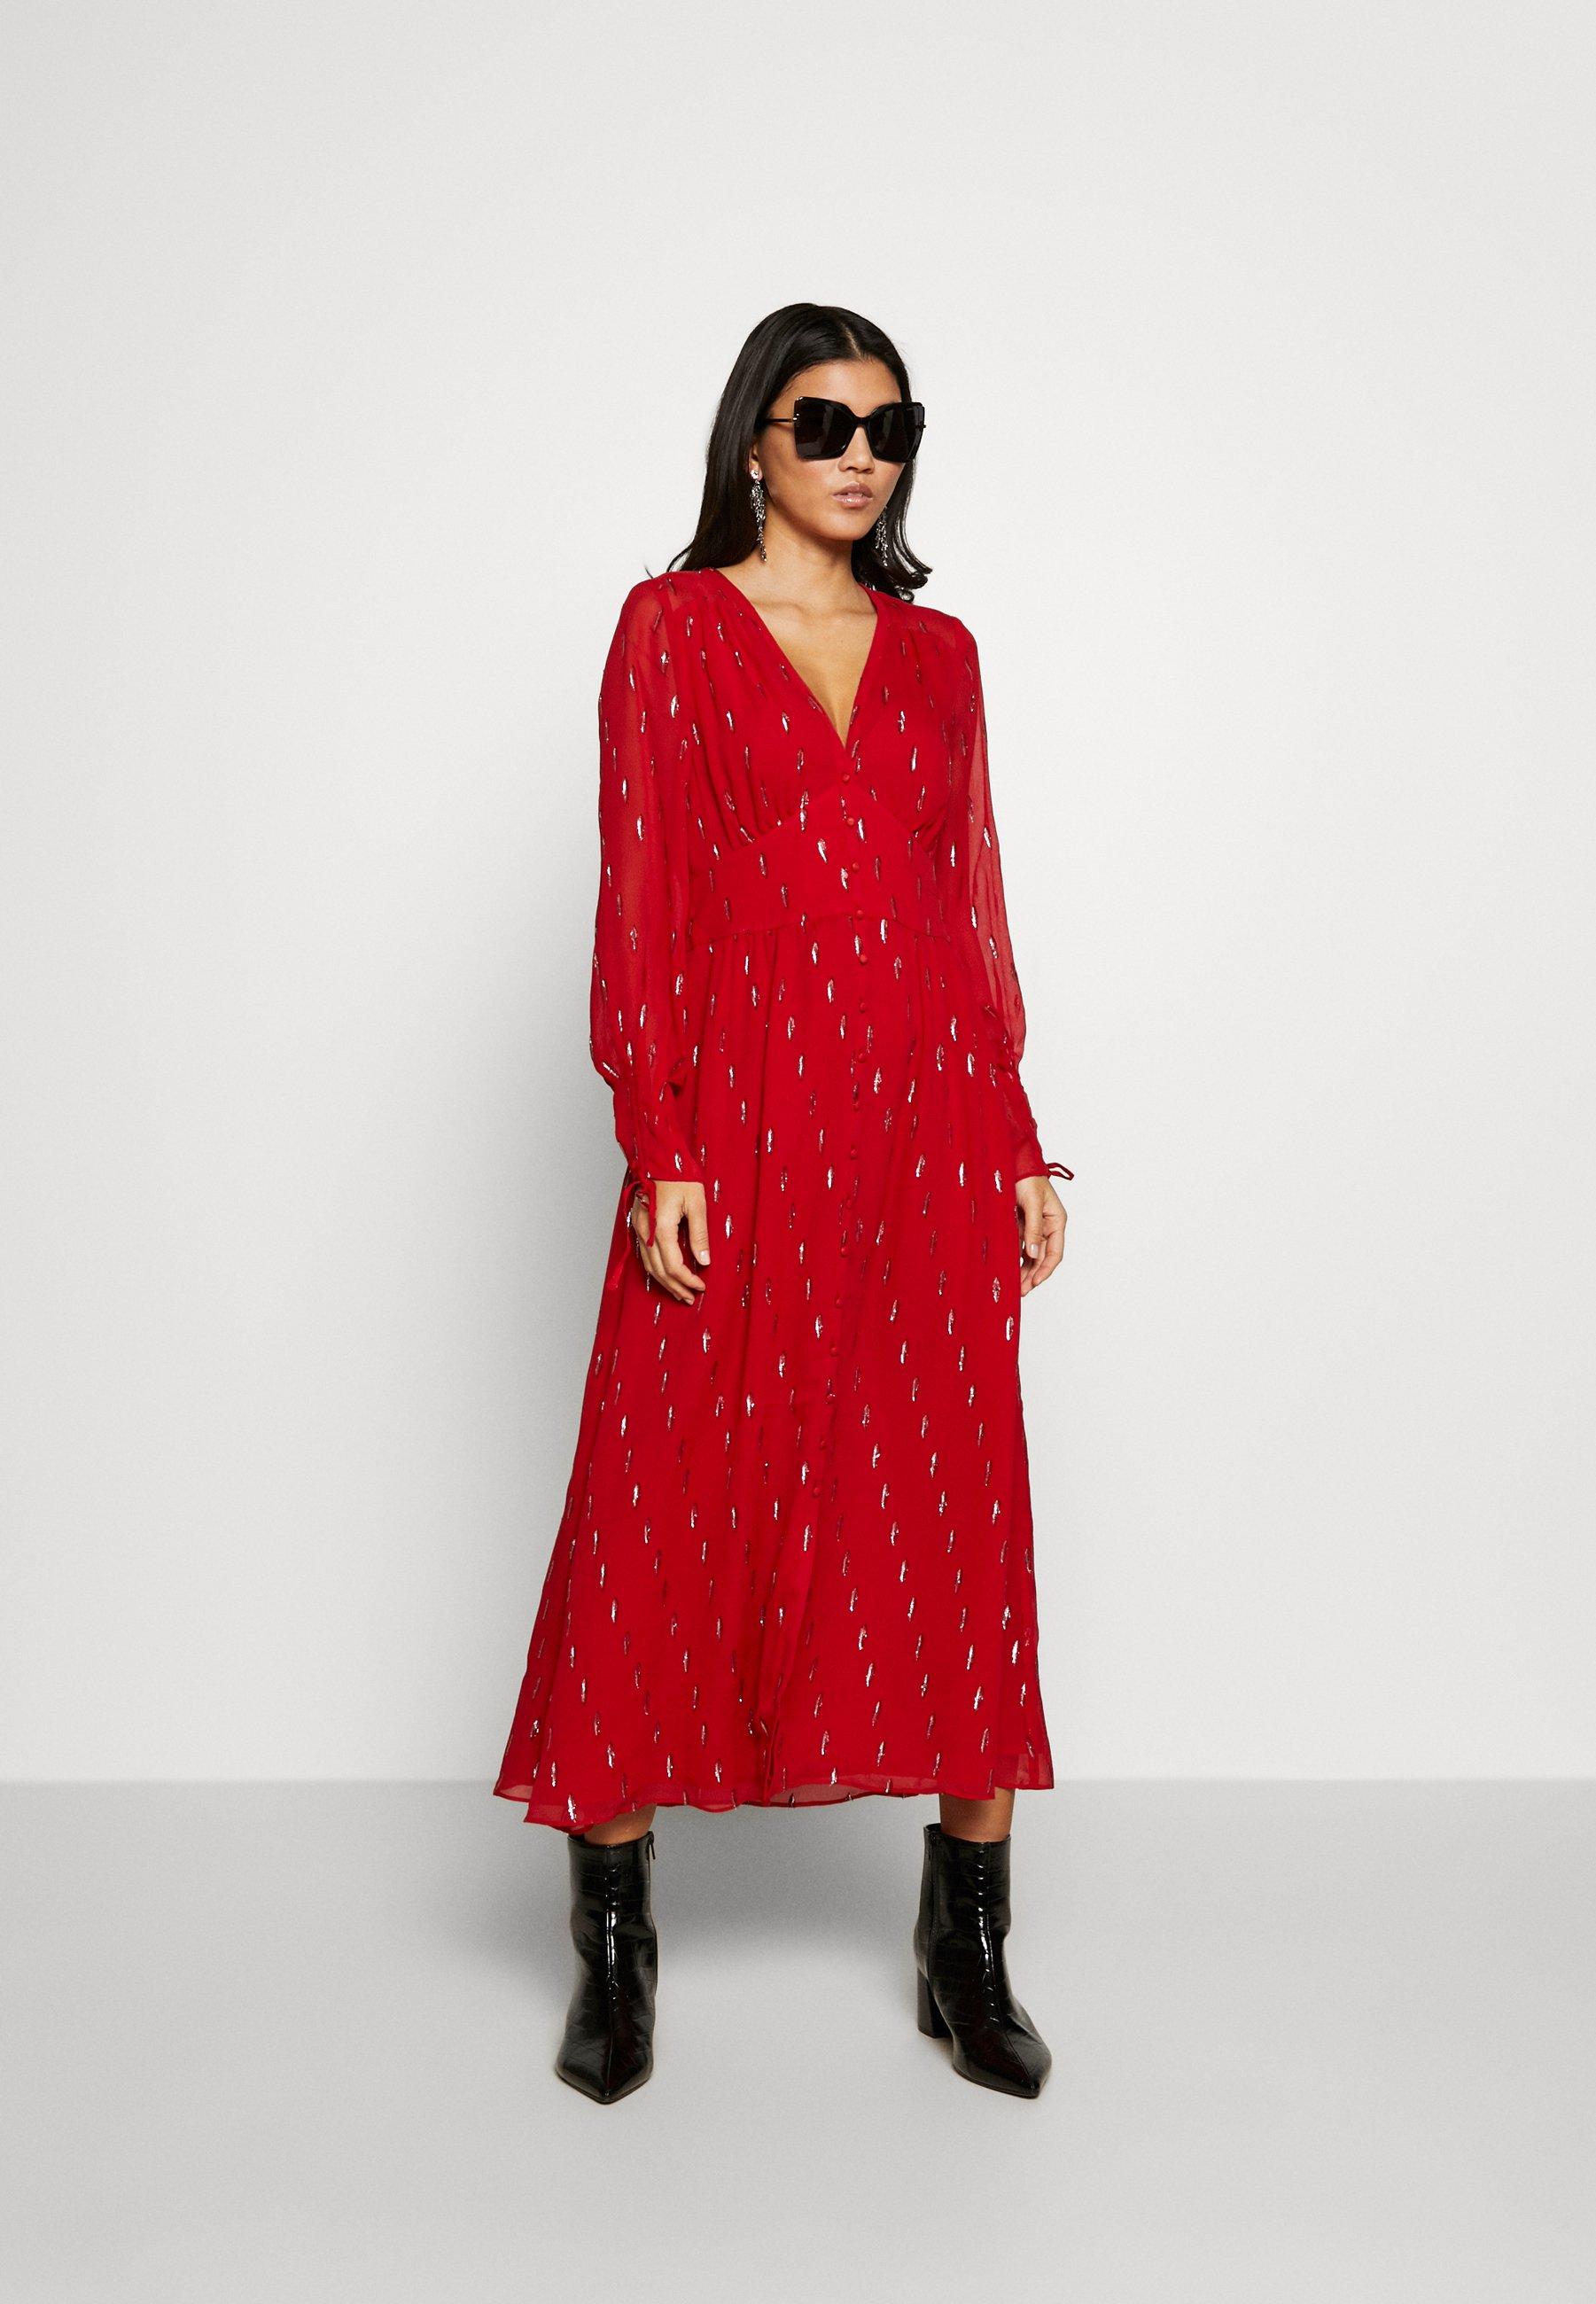 Stevie May Dress - Vardagsklänning Ruby Foil